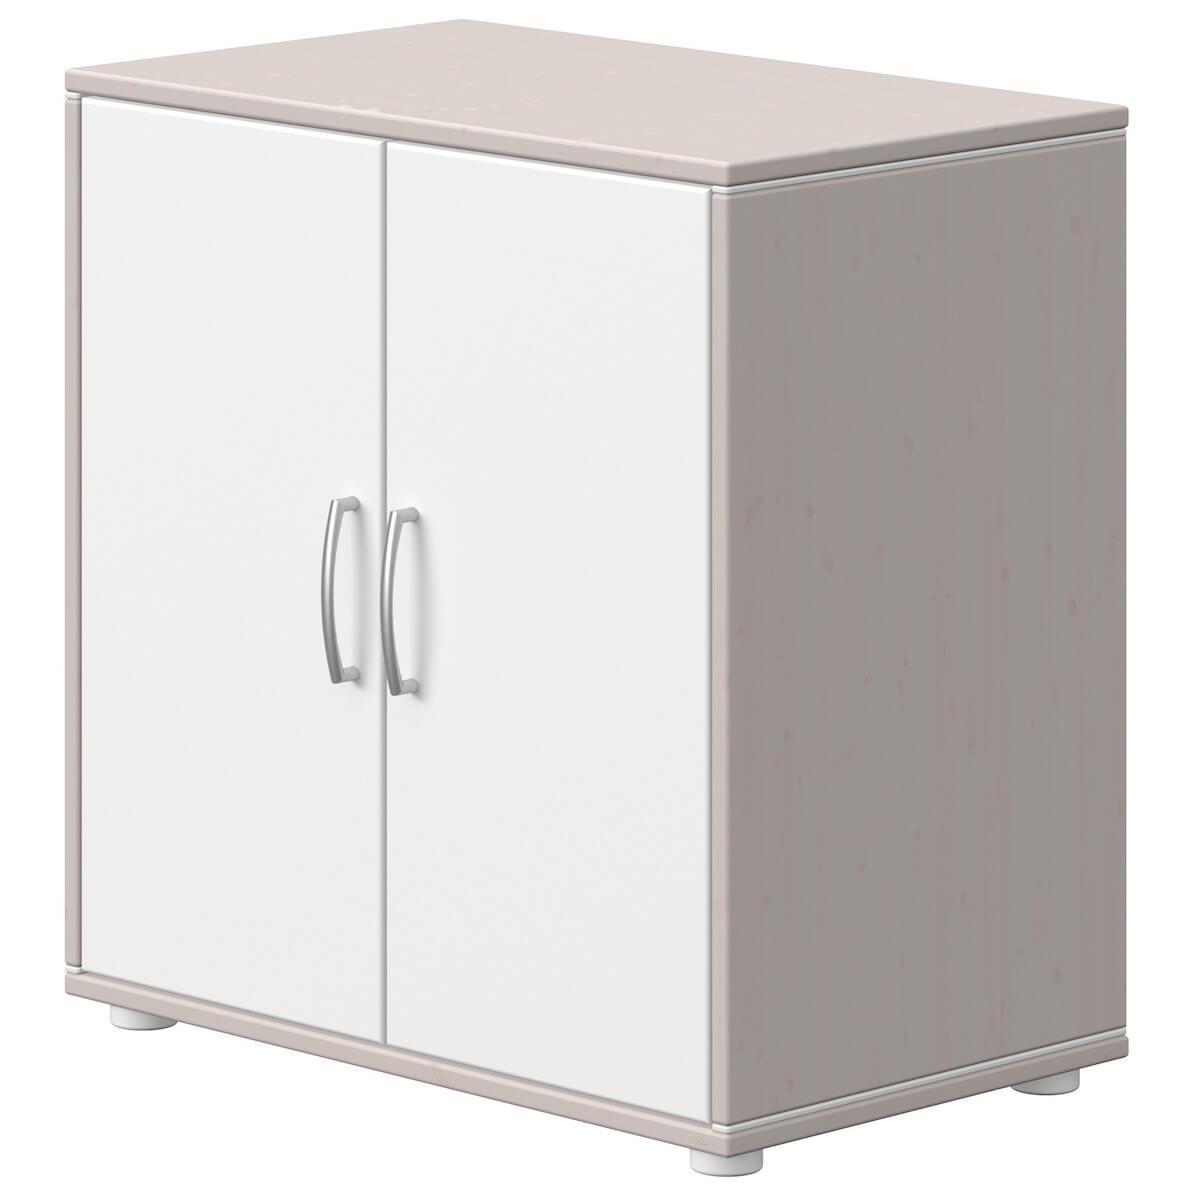 Commode 2 portes CLASSIC Flexa grey washed-blanc